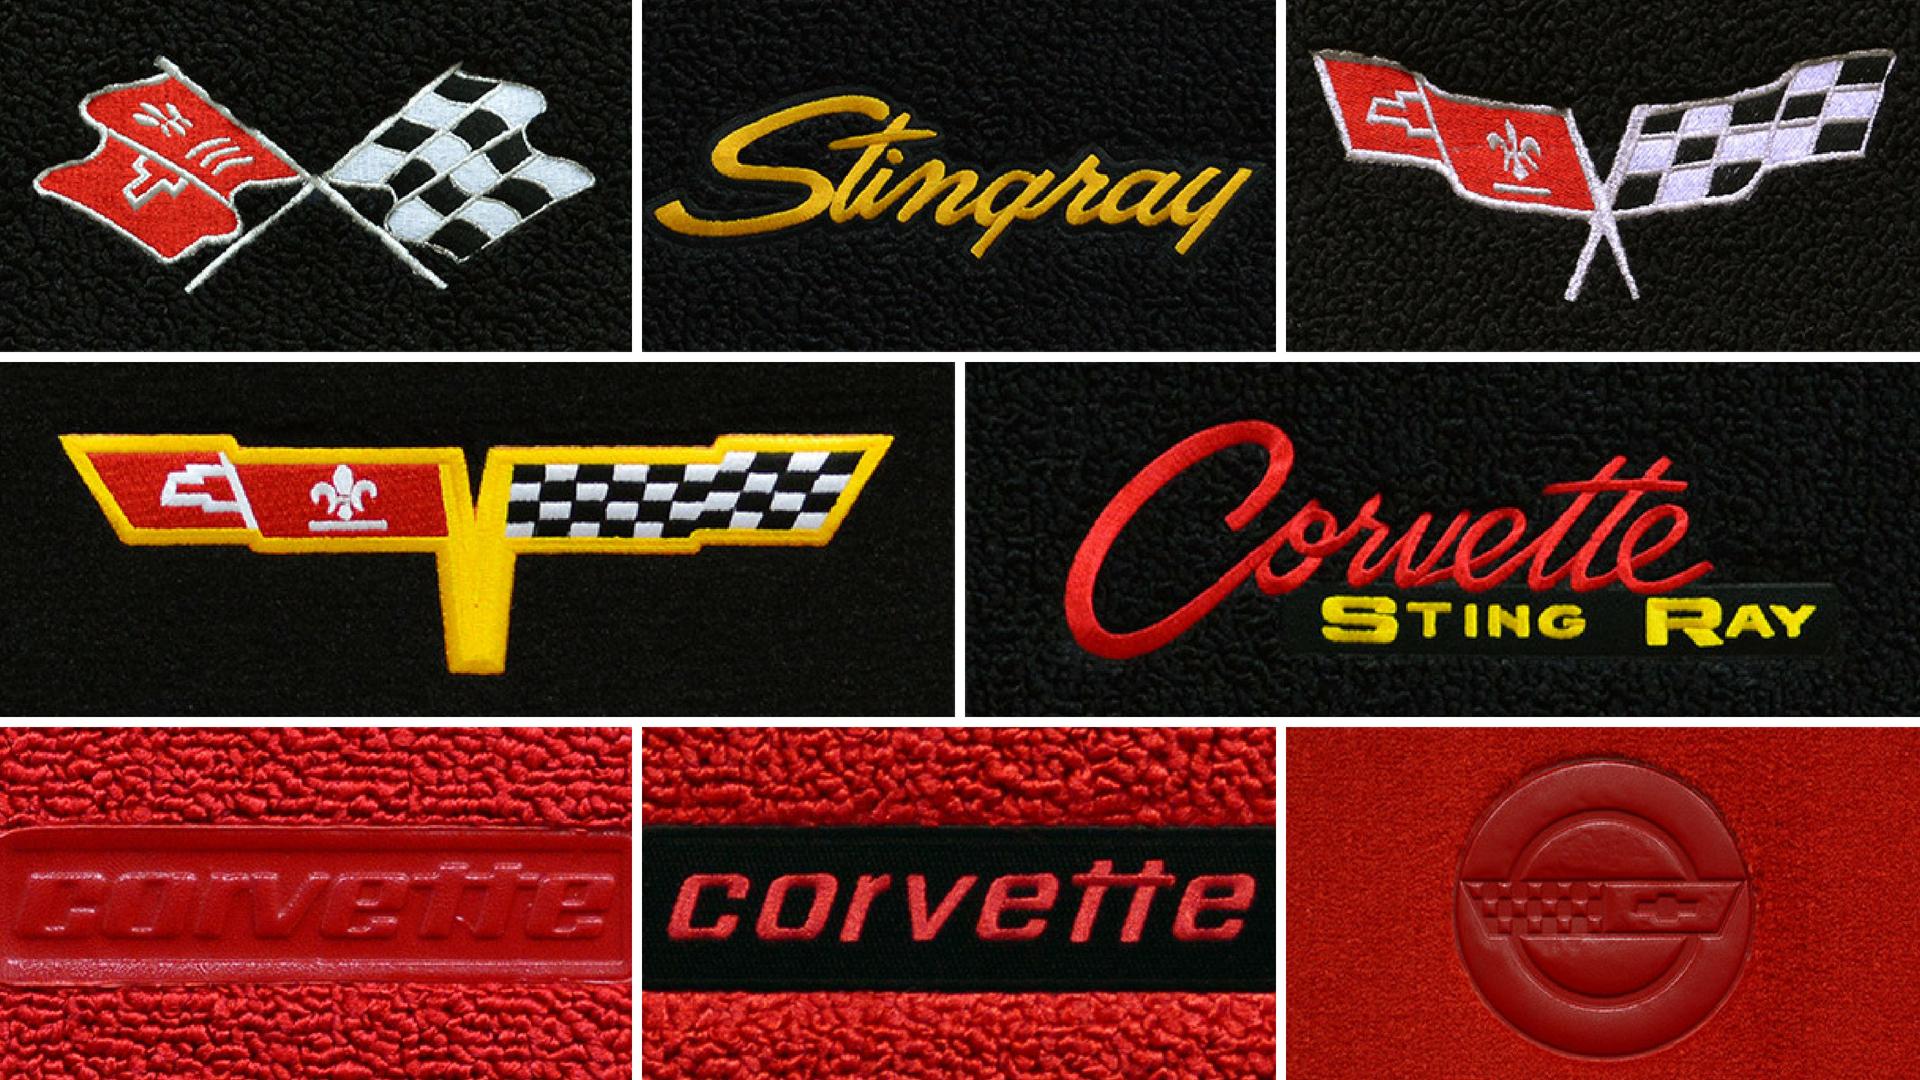 Corvette C3 Floor Mats - Custom 68-82 C3 Corvette Logo Mats